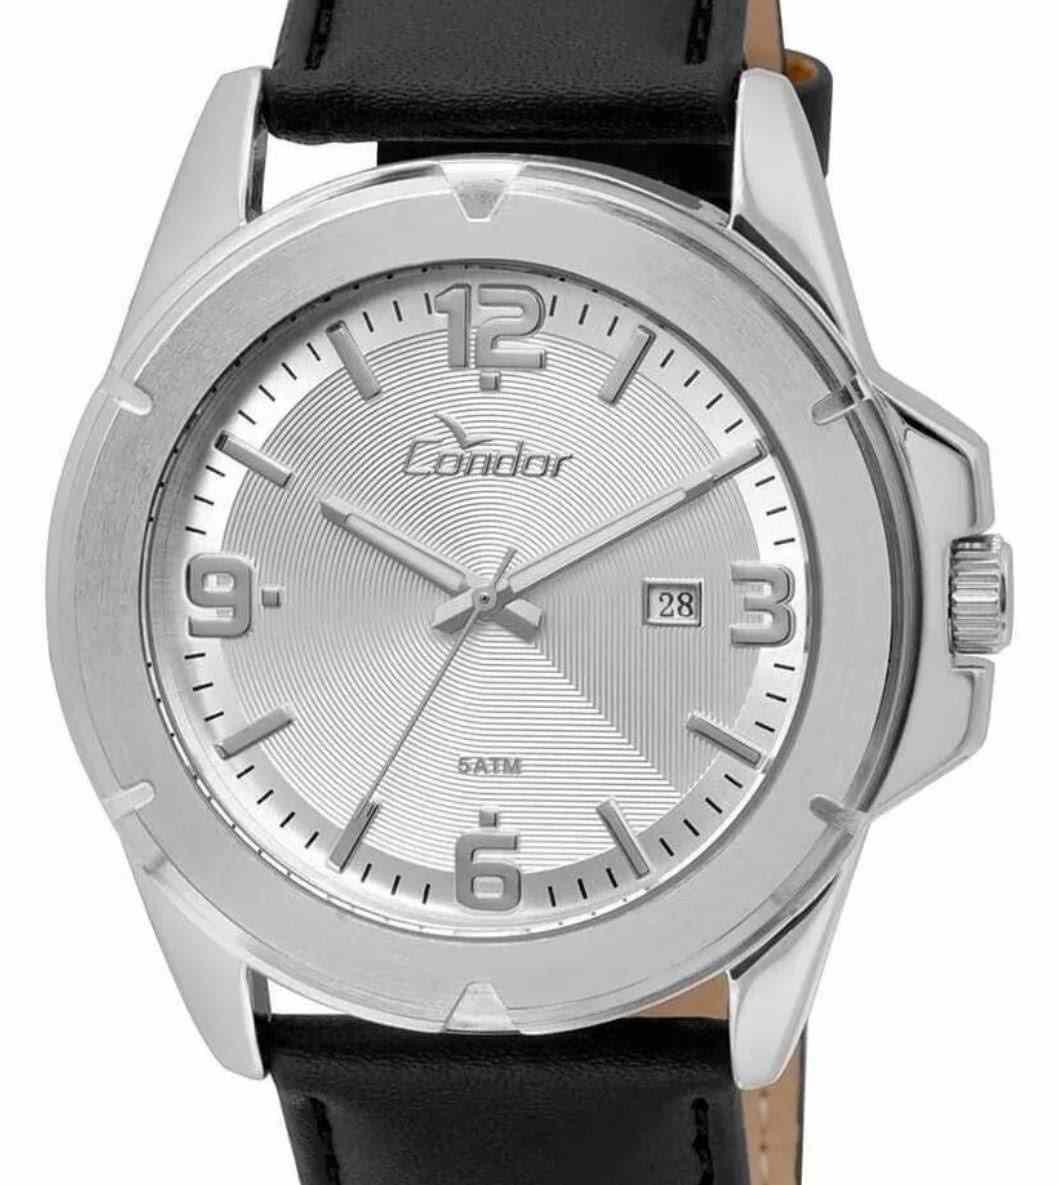 Relógio Condor Masculino Pulseia Preta Calendário CO2115XG/k3k